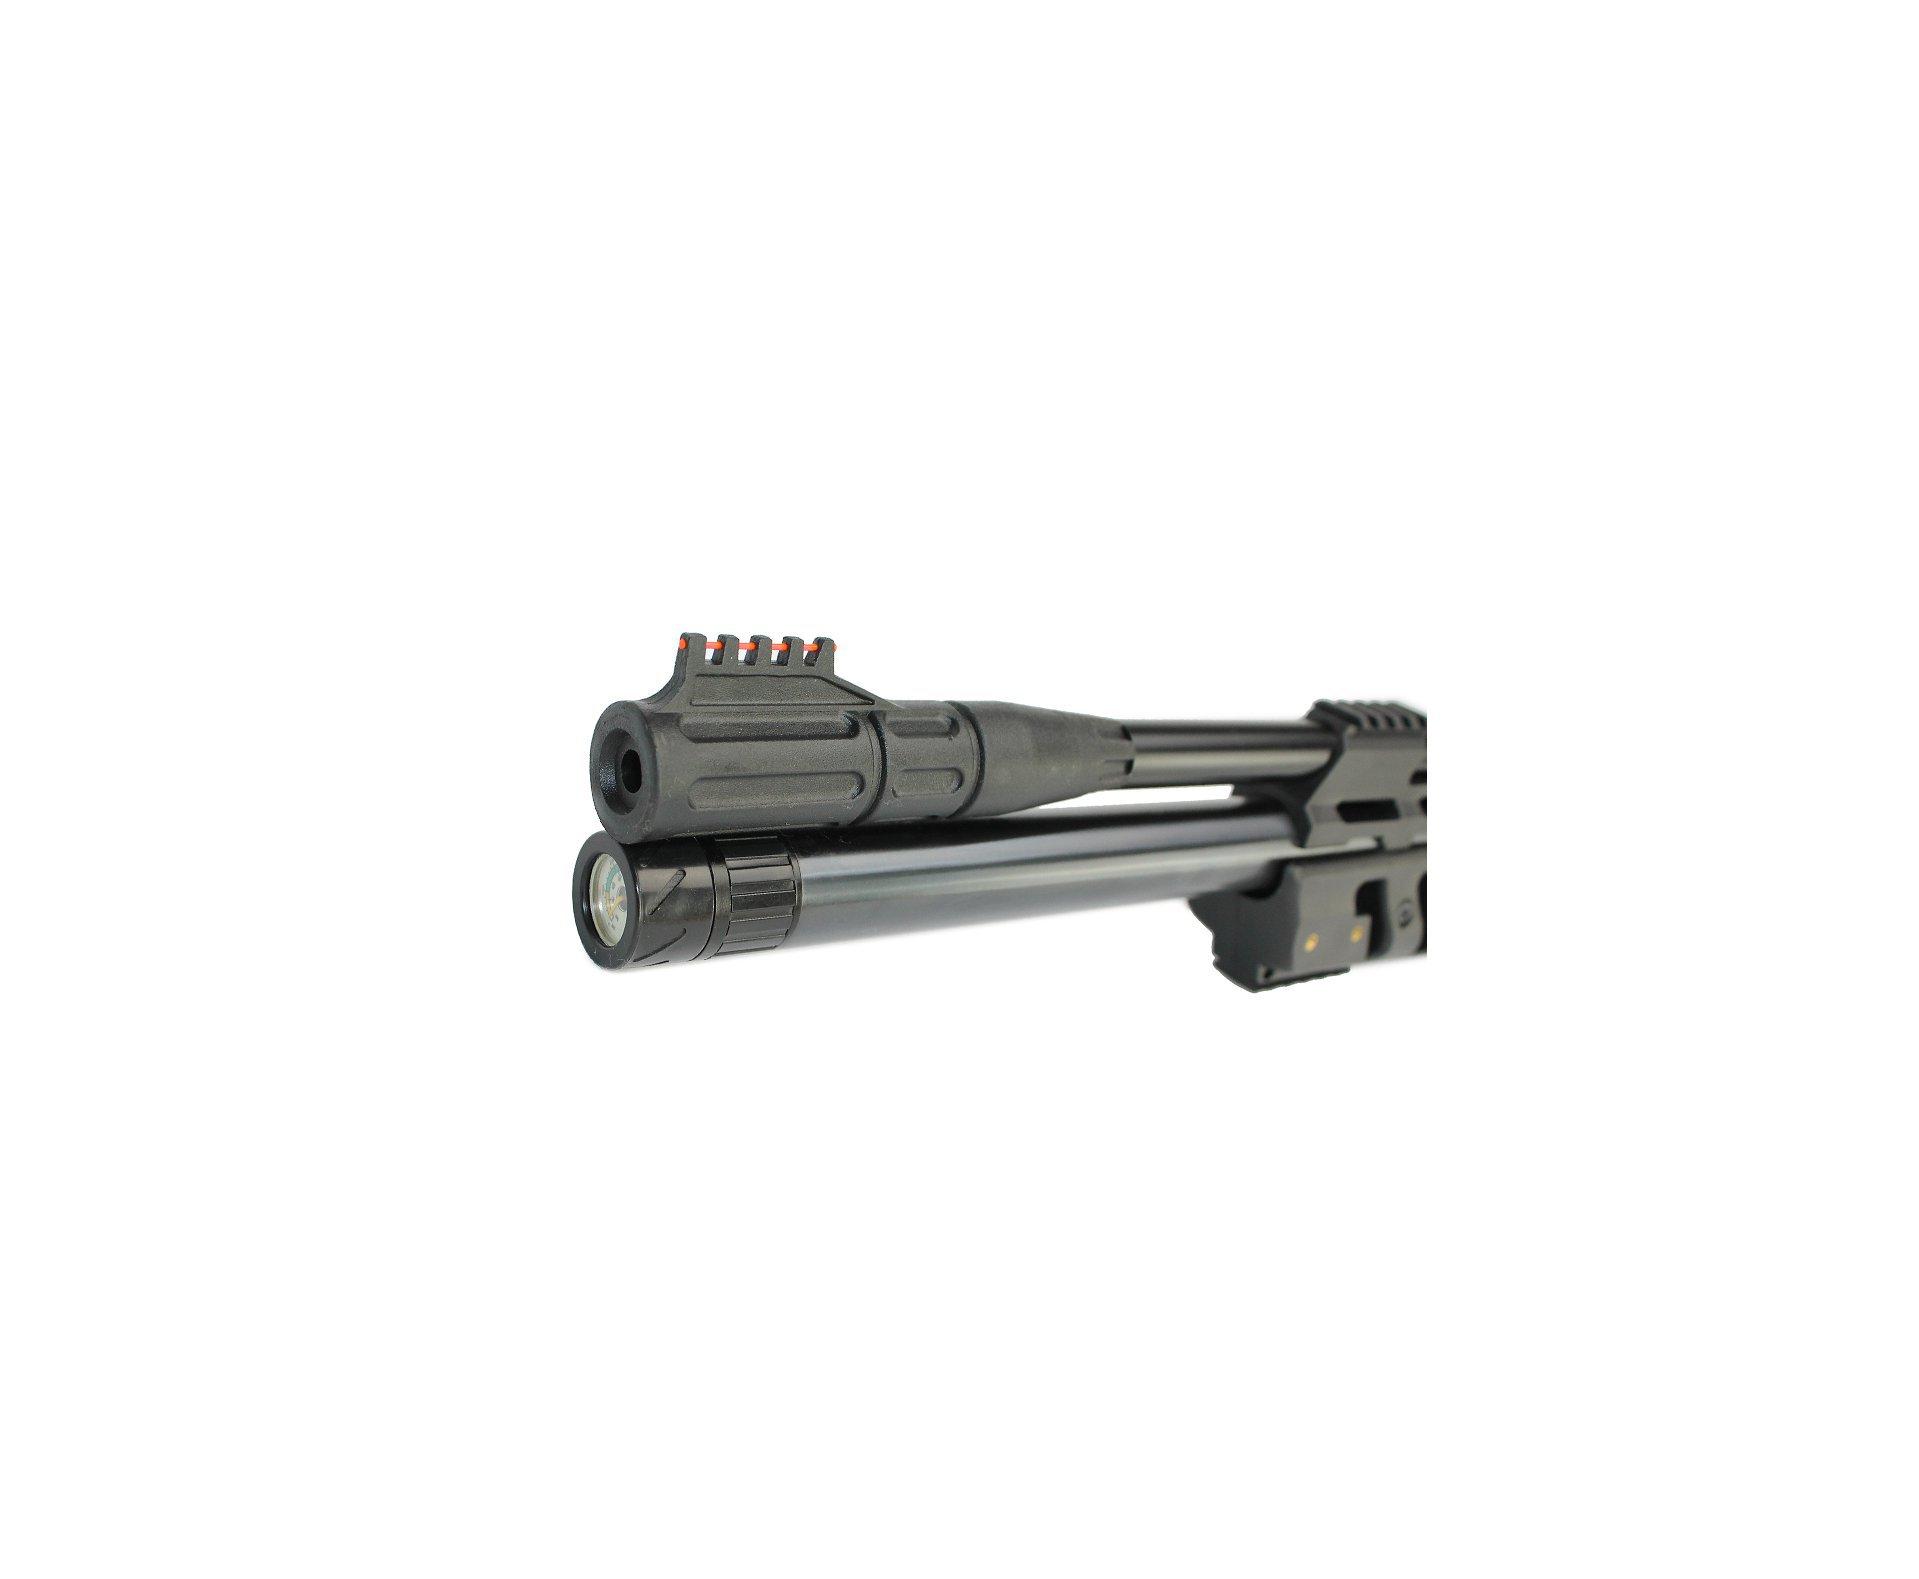 Carabina De Pressão Pcp Cbc Sentry 8 Tiros Coronha Madeira 5,5mm